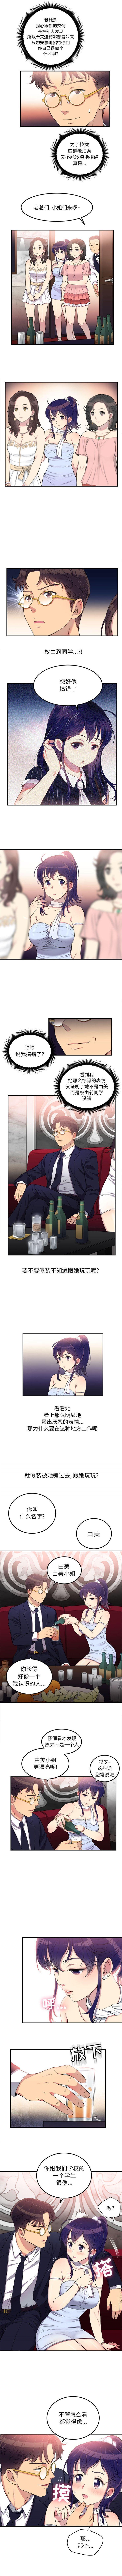 由莉的秘密1-60 中文翻译 (更新中) 46